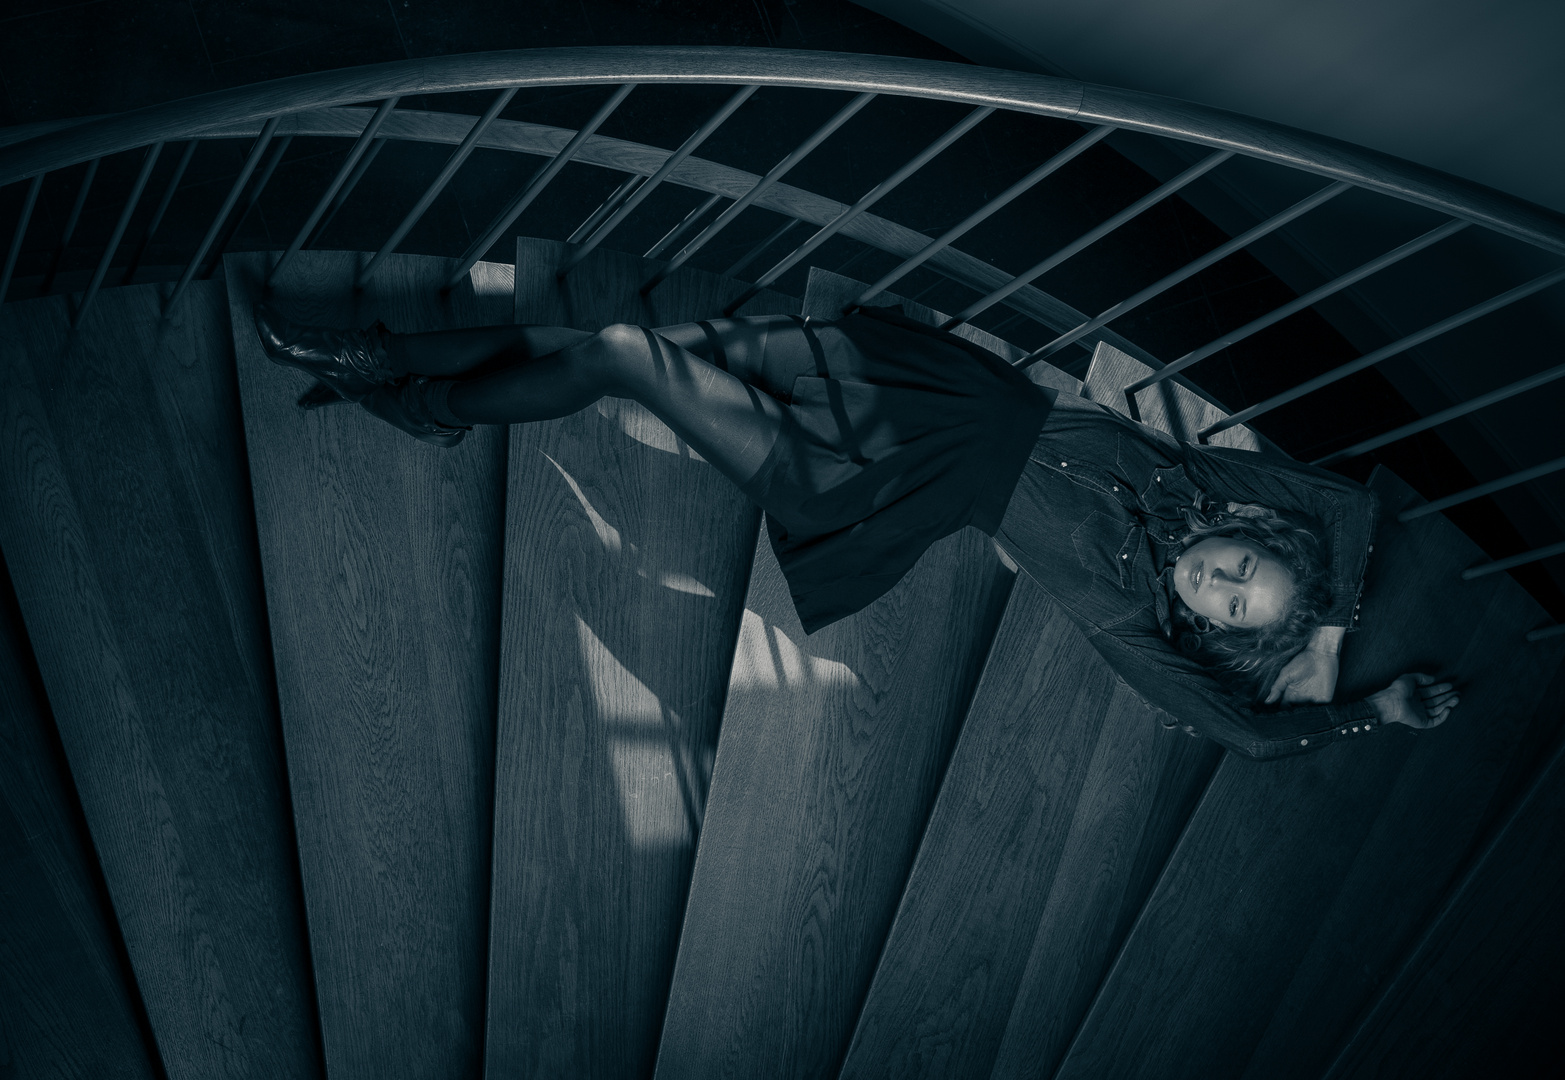 Laura auf der treppe